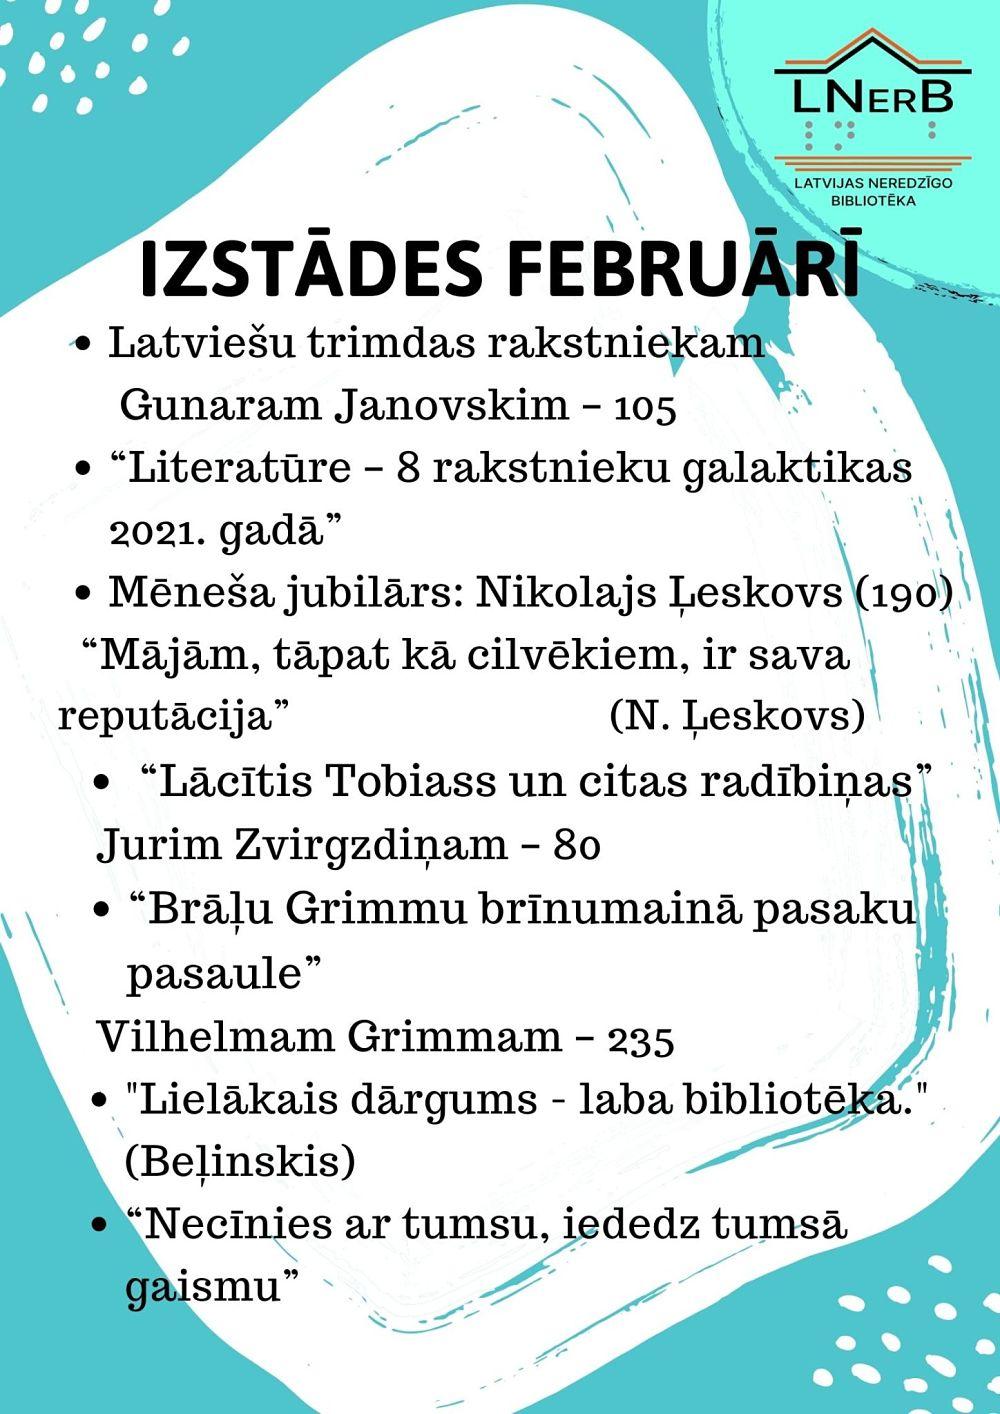 Plakāts Izstādes Rīgā februārī